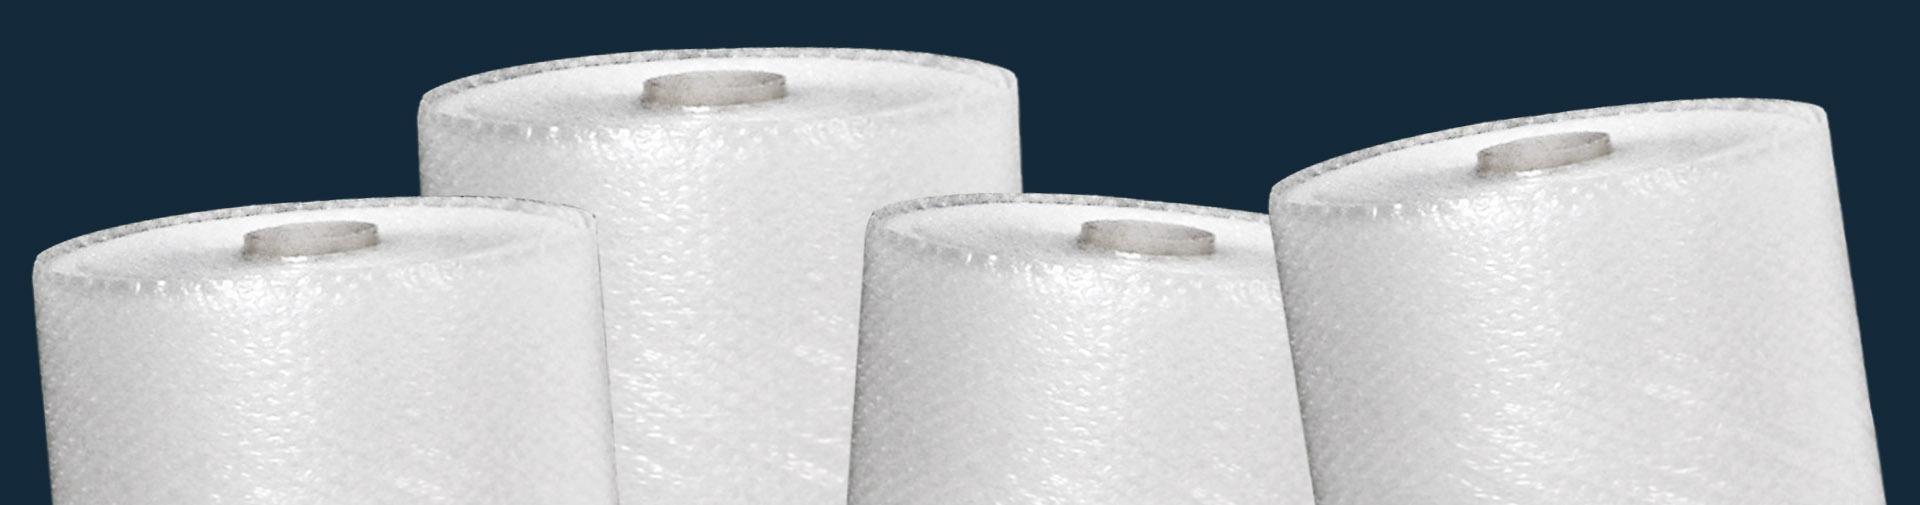 Rouleaux de papier bulle